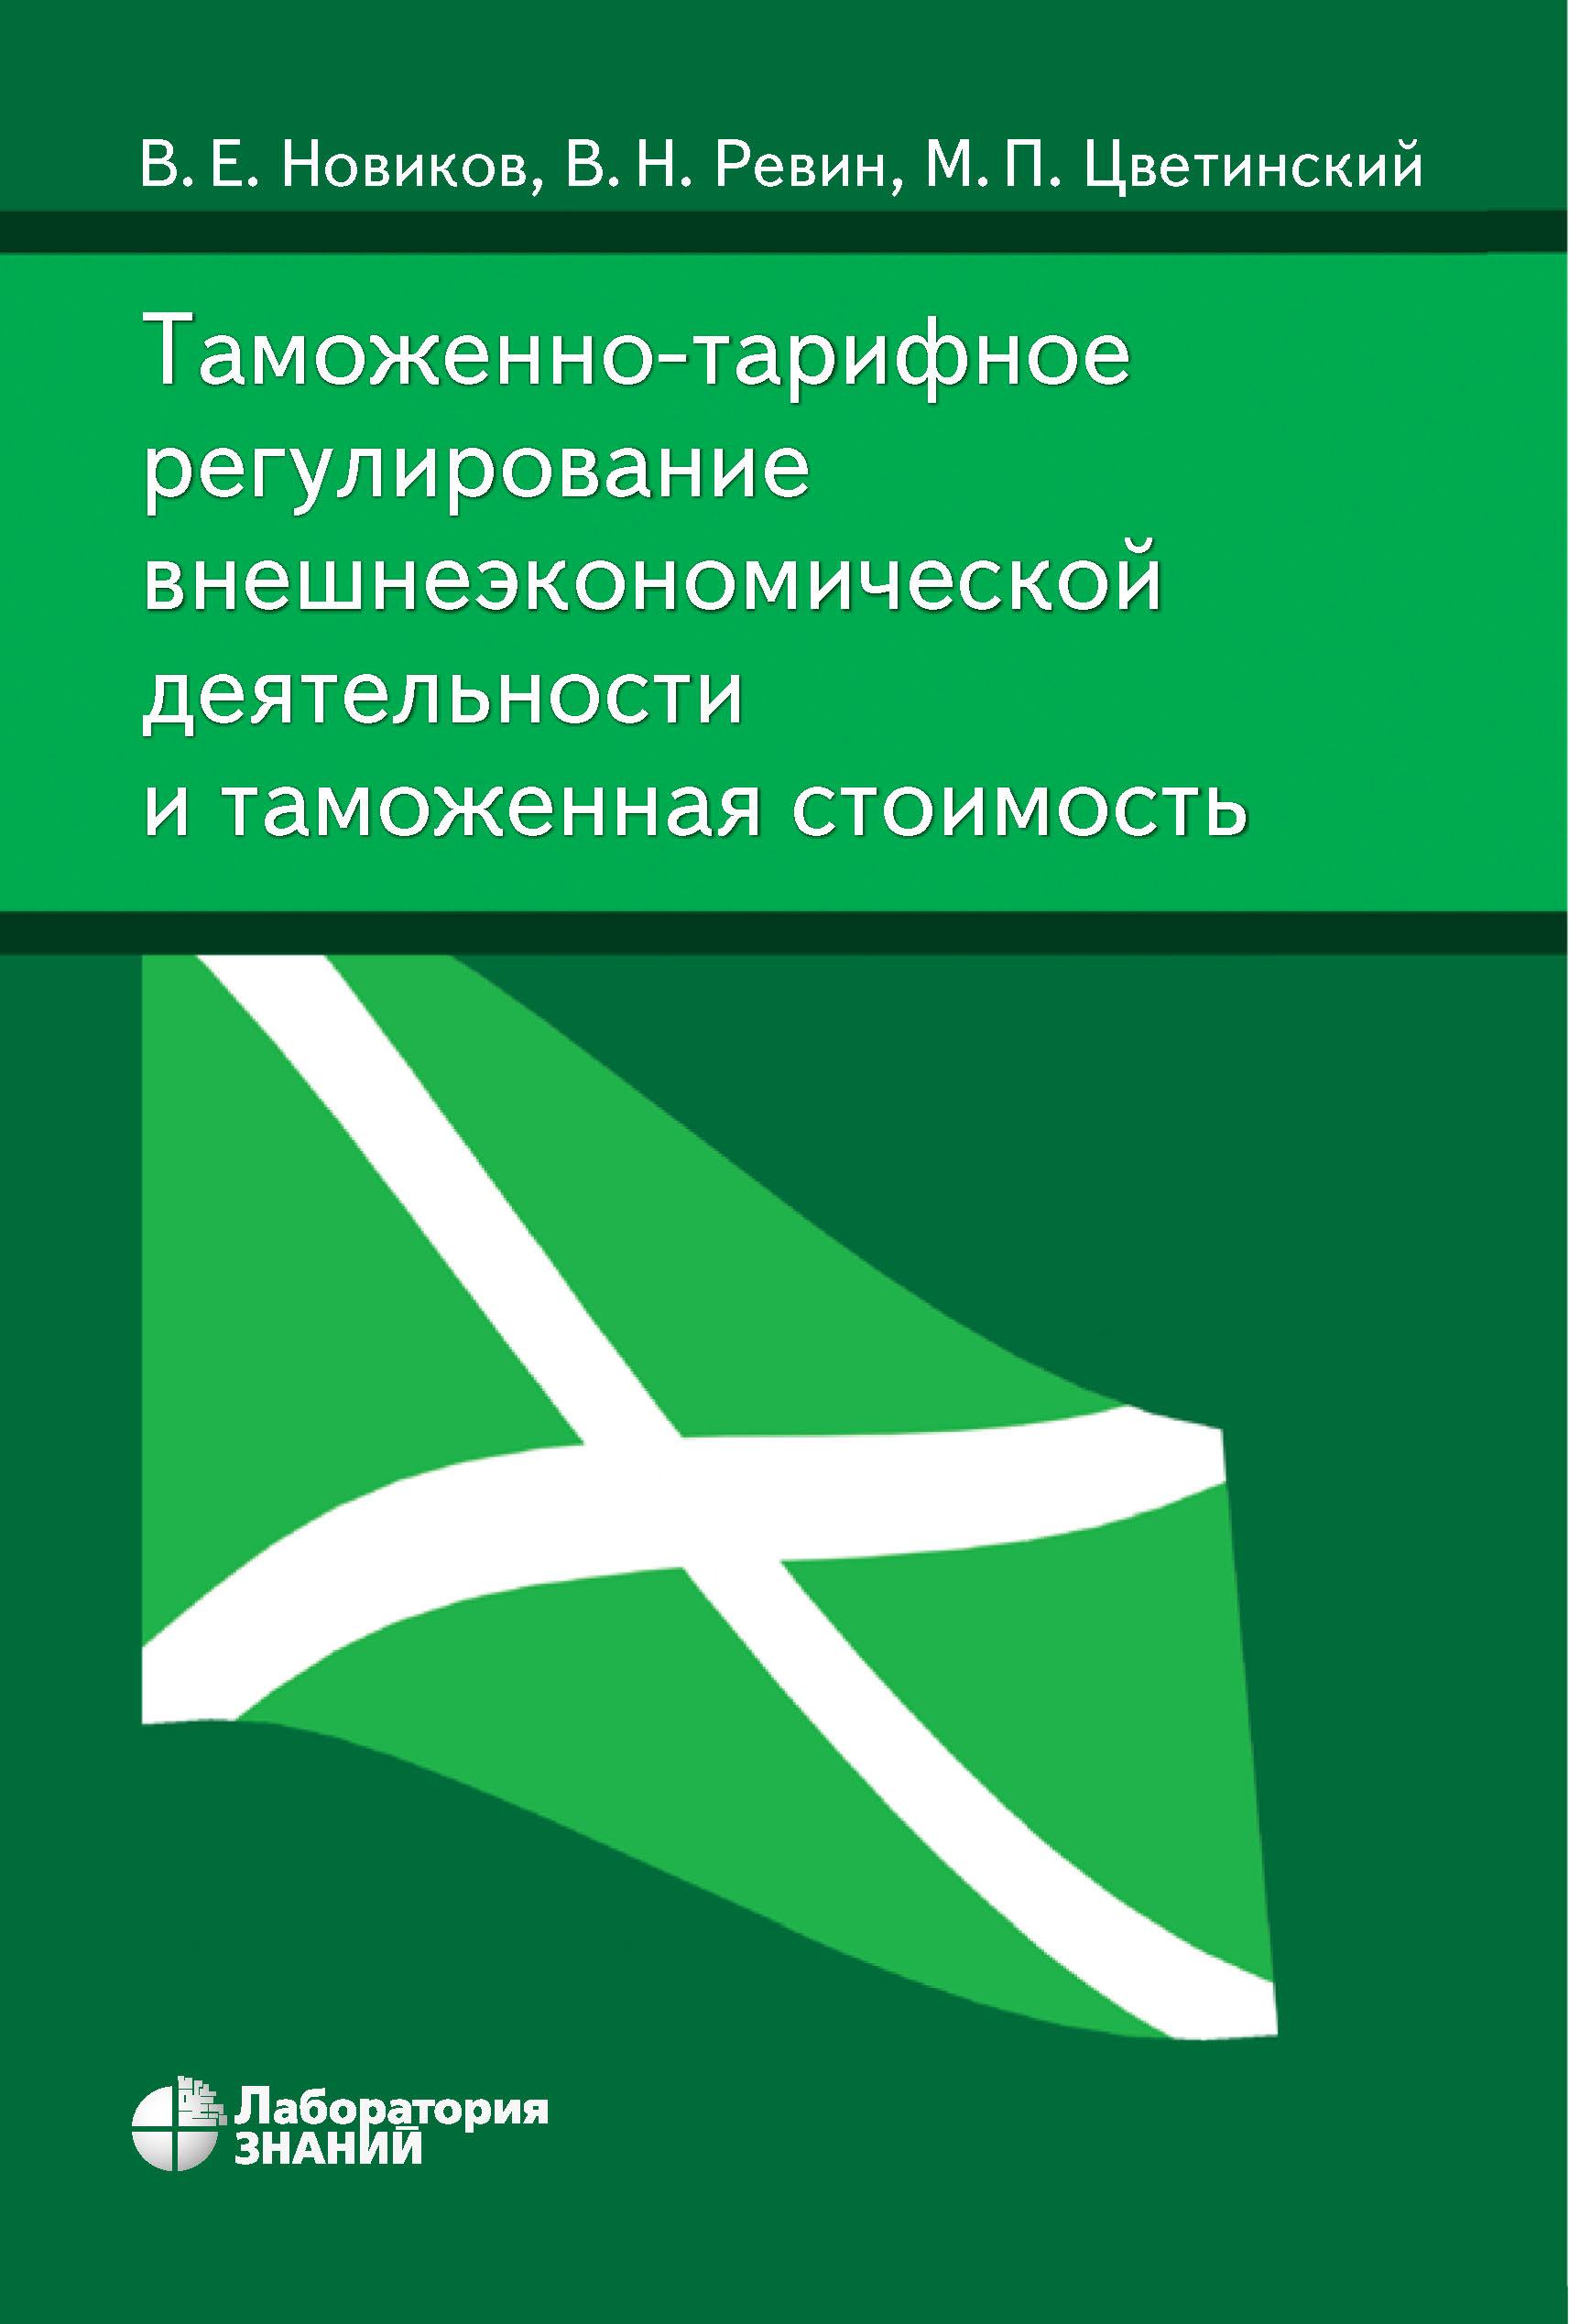 В. Е. Новиков Таможенно-тарифное регулирование внешнеэкономической деятельности и таможенная стоимость основы тарифного регулирования в коммунальном хозяйстве